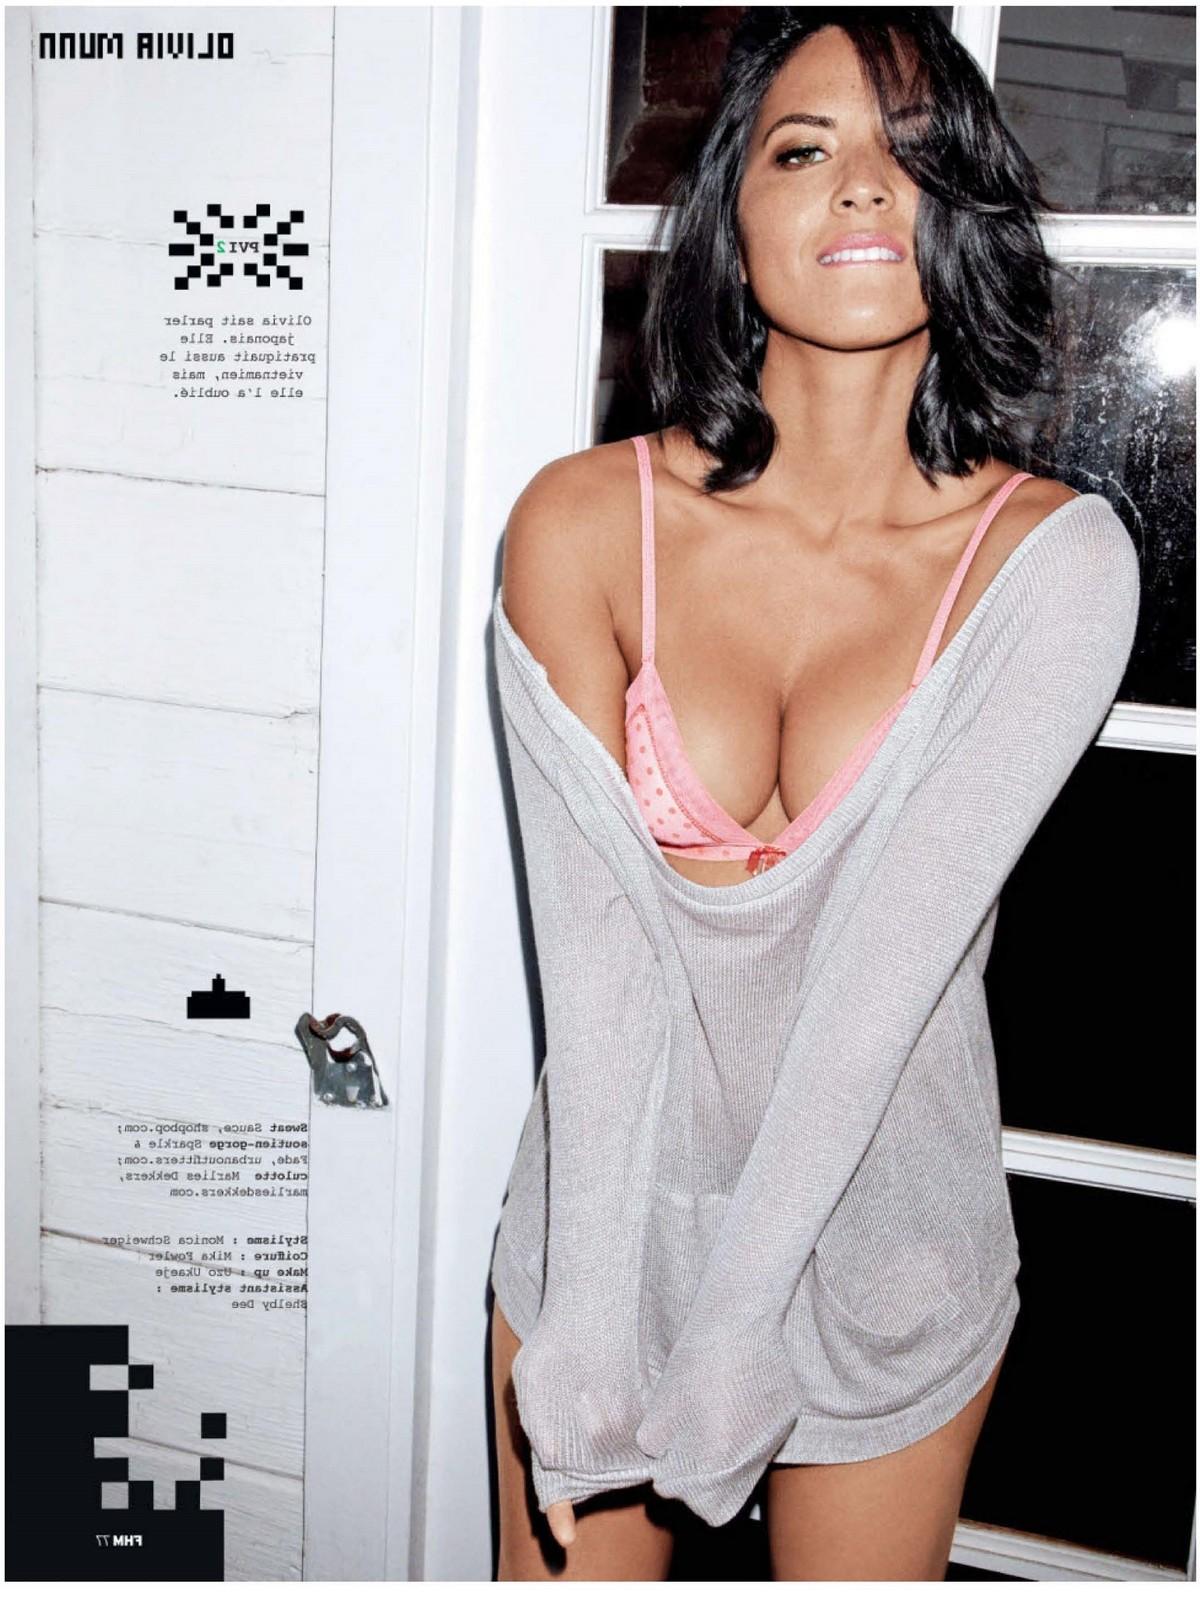 chicas calientes desnudas